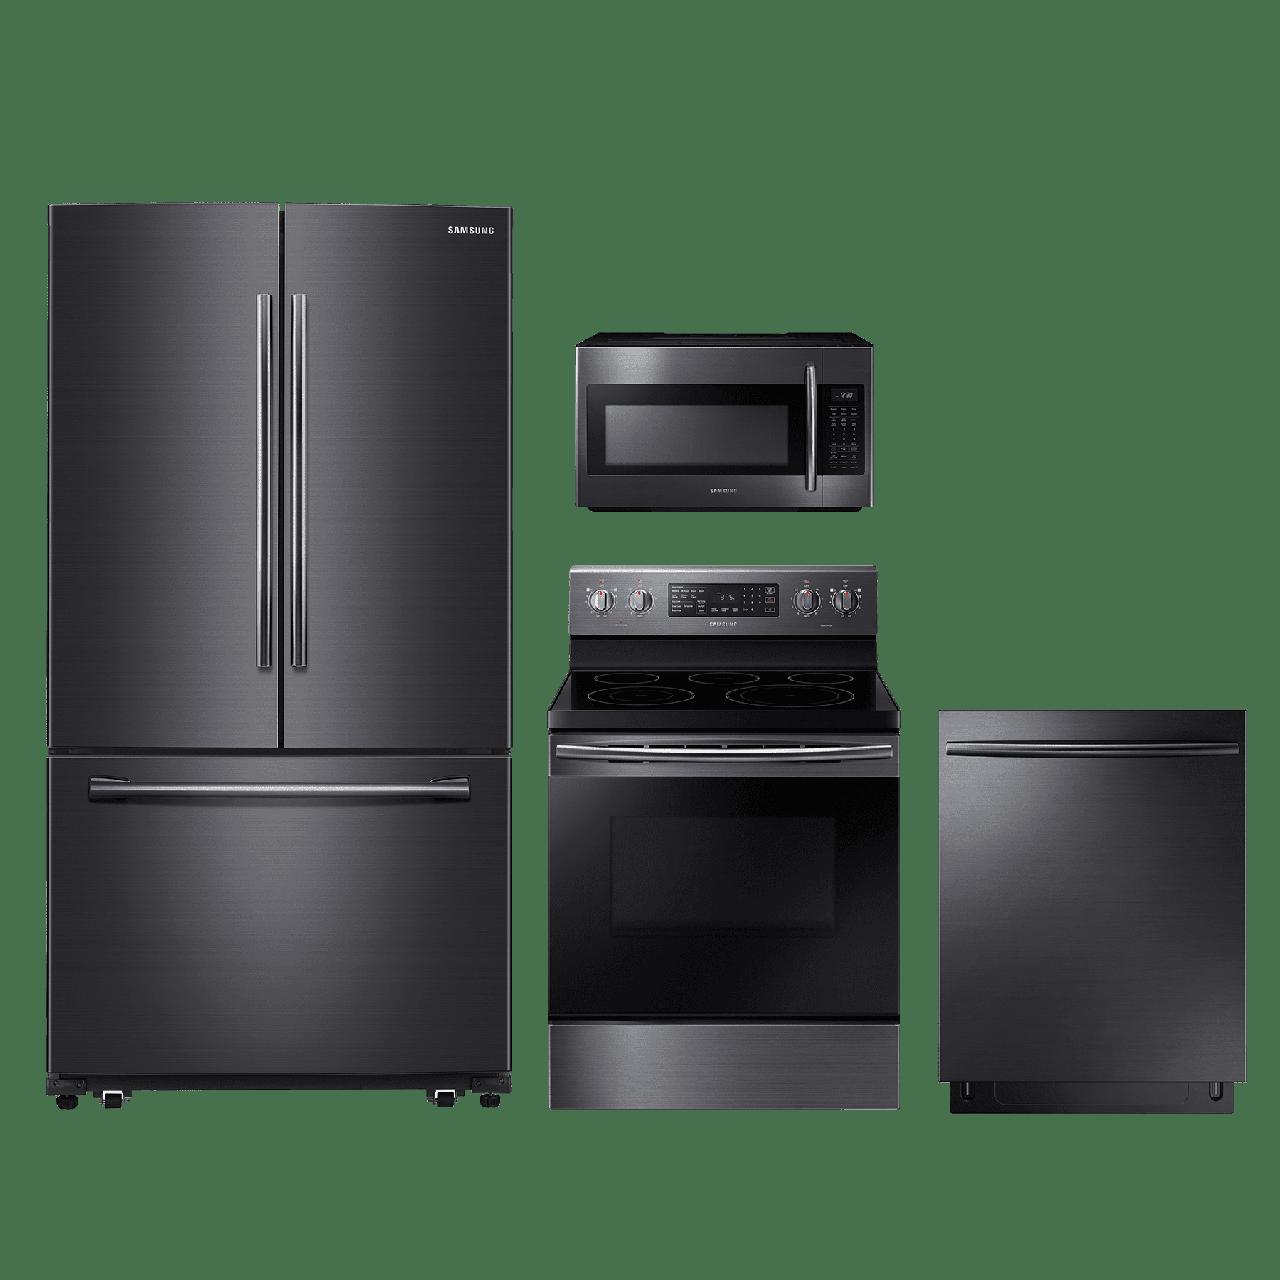 Samsung 4 Piece Kitchen Package-Black Stainless Steel